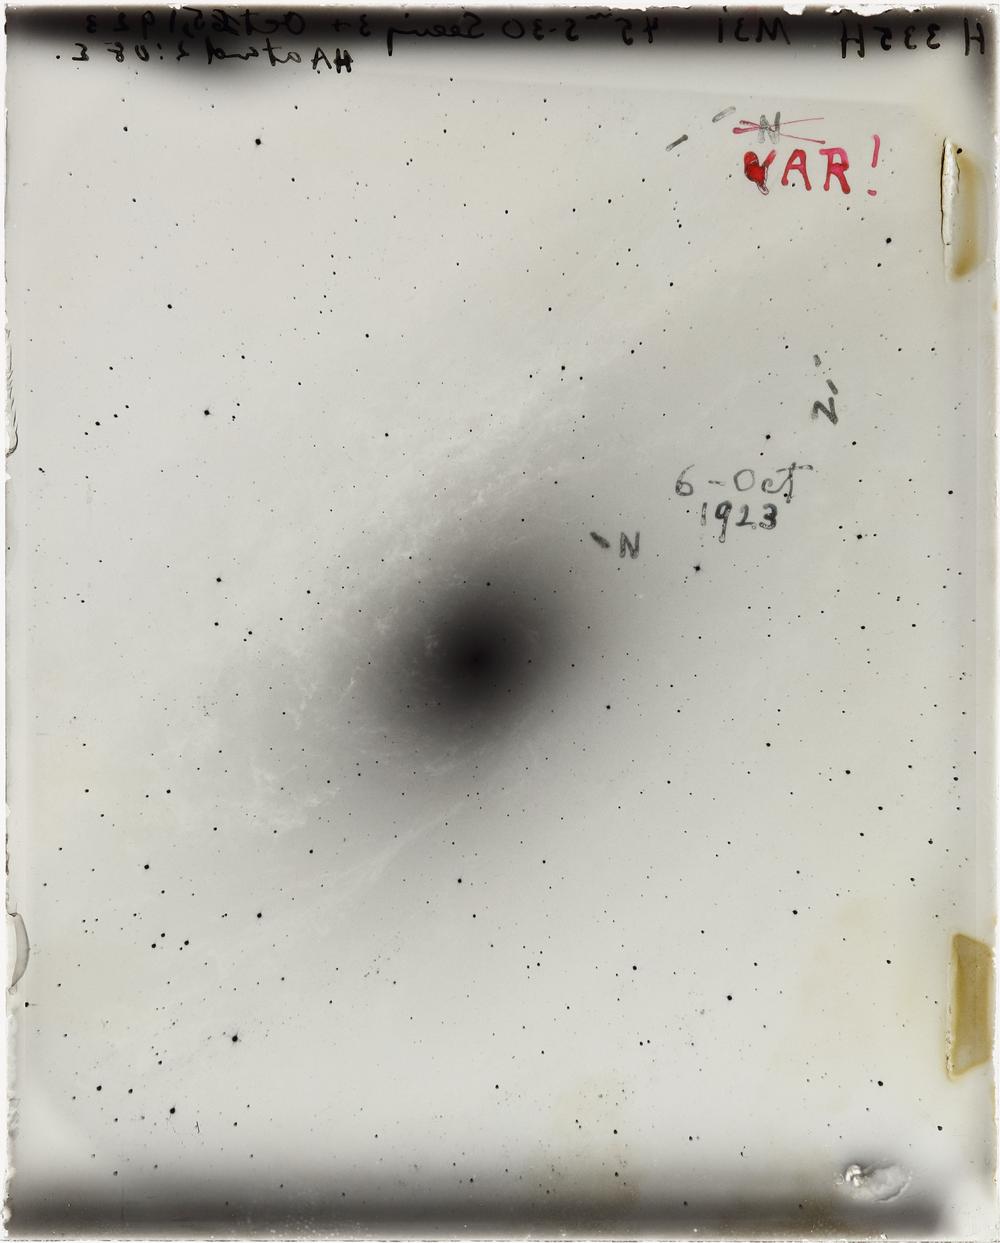 Hubble's Famous M31 VAR! plate